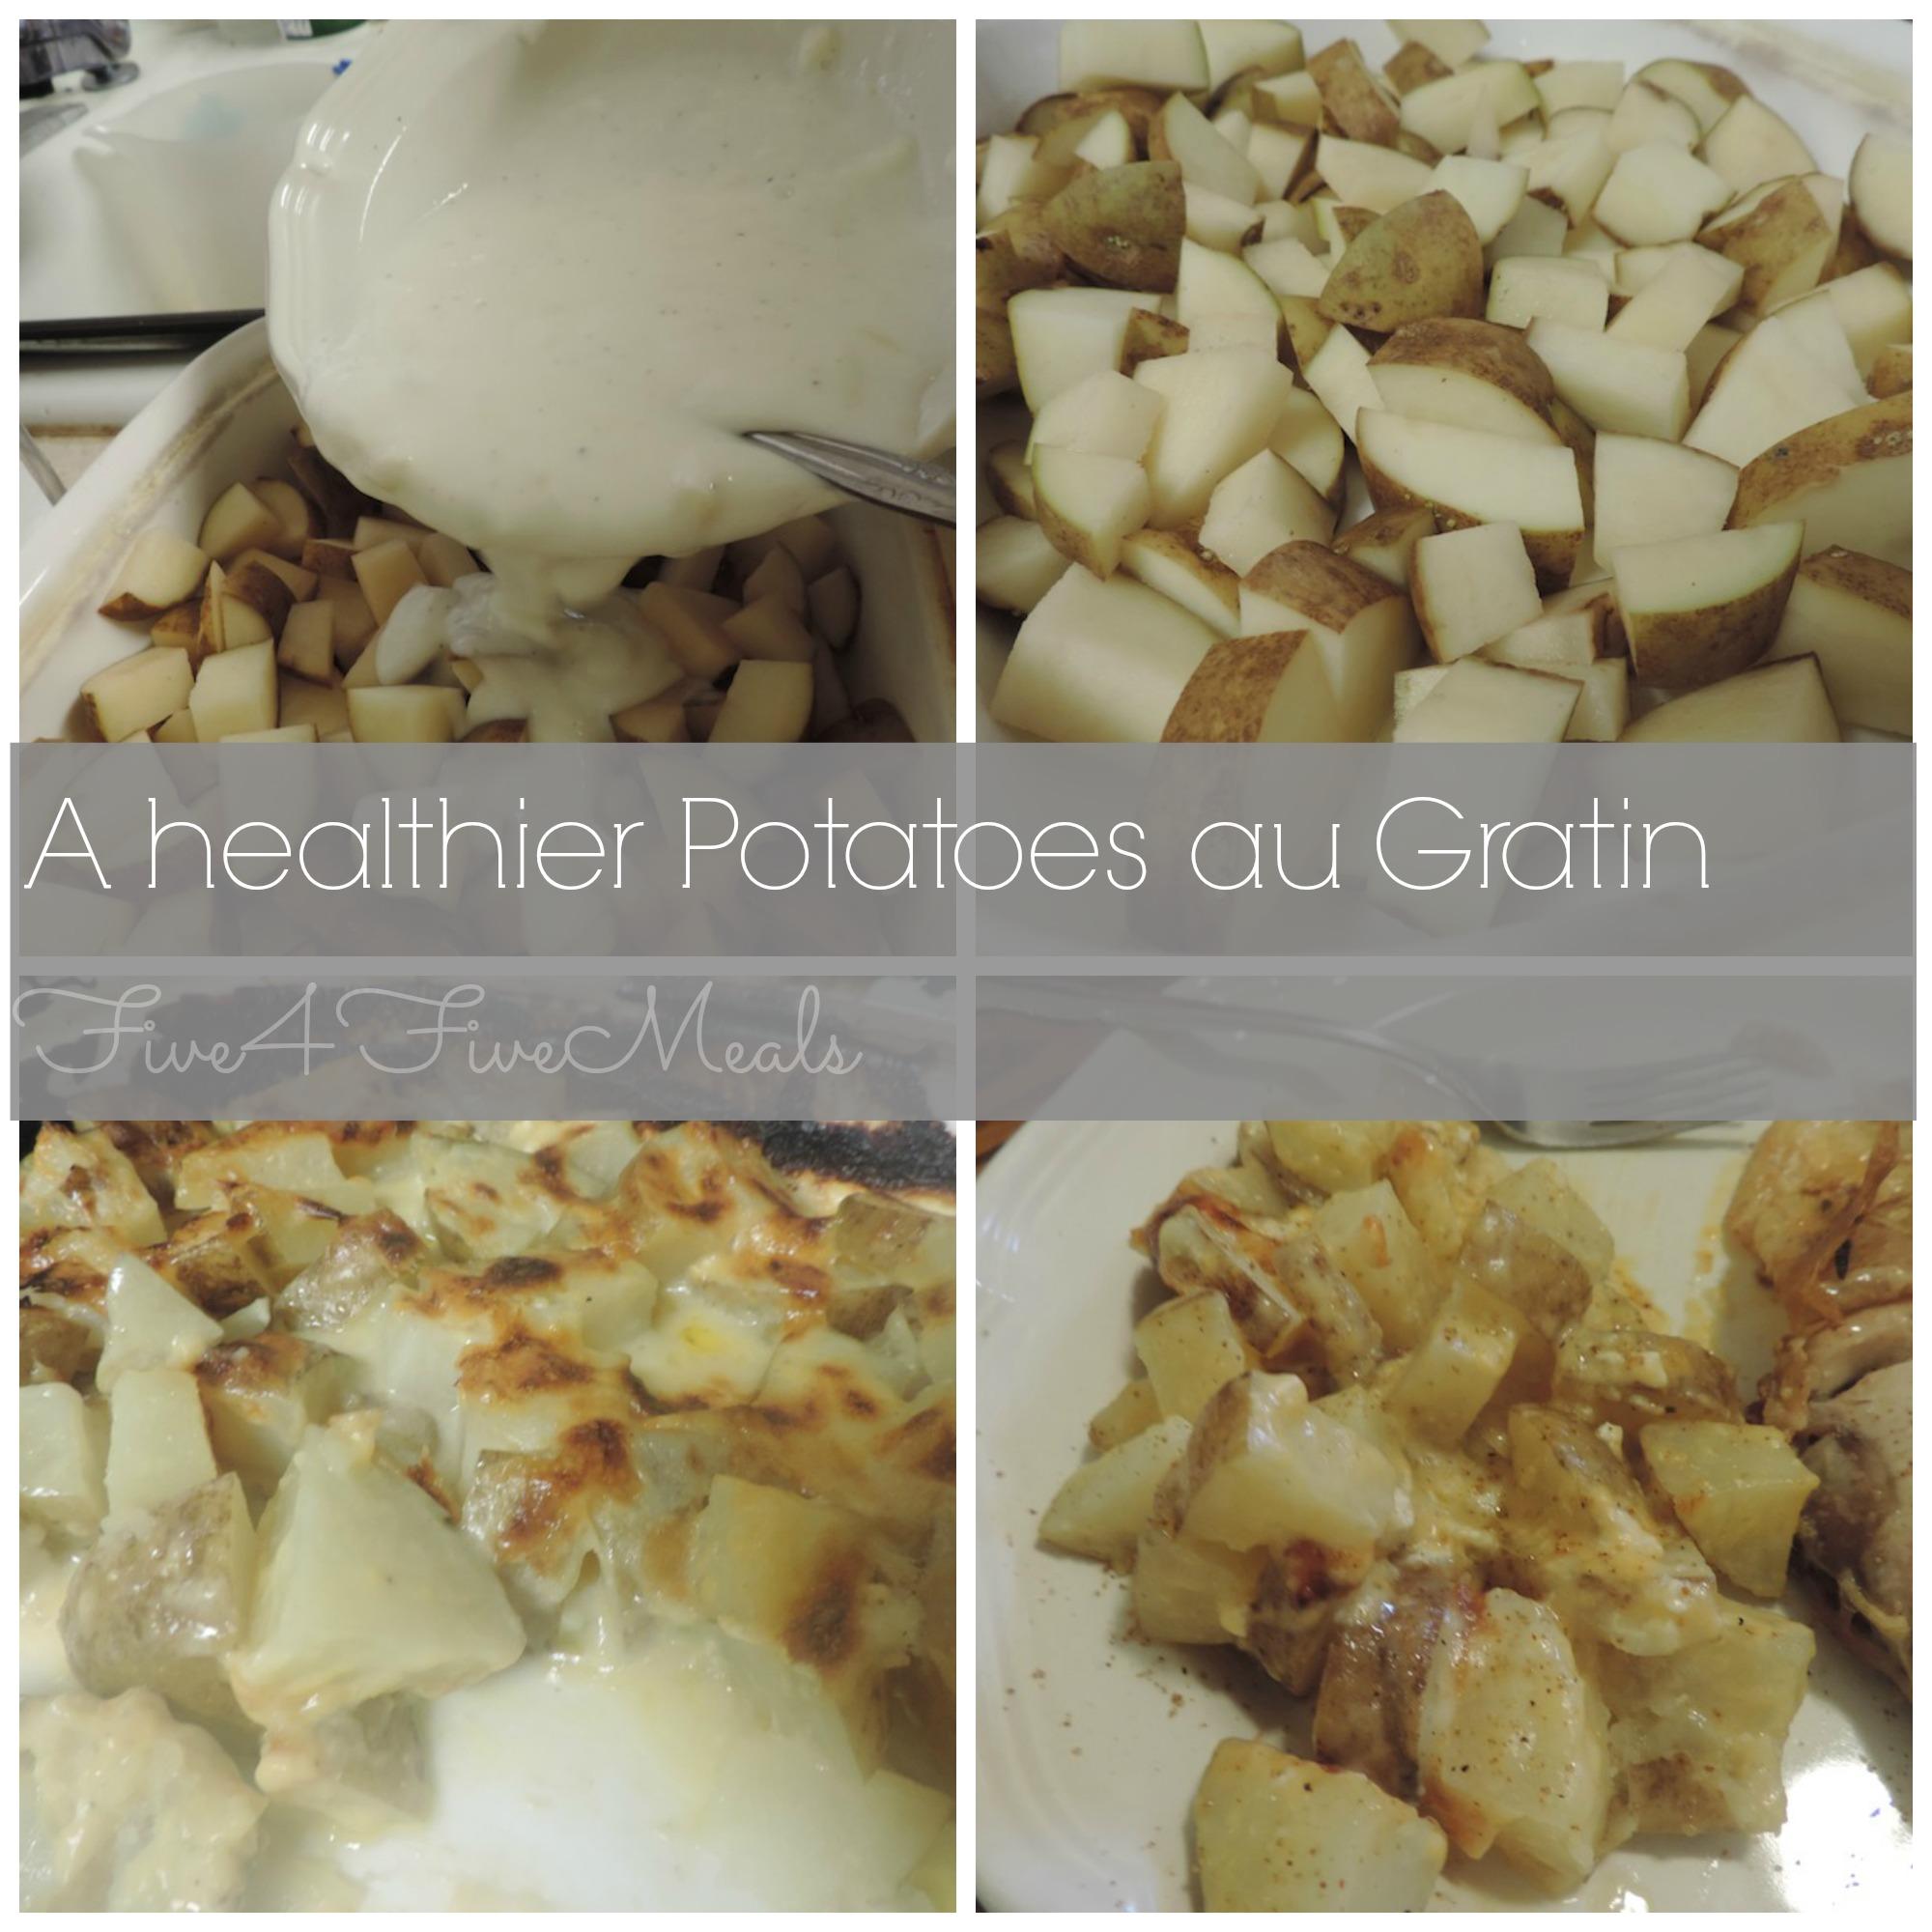 A healthier Potatoes au Gratin cover.jpg